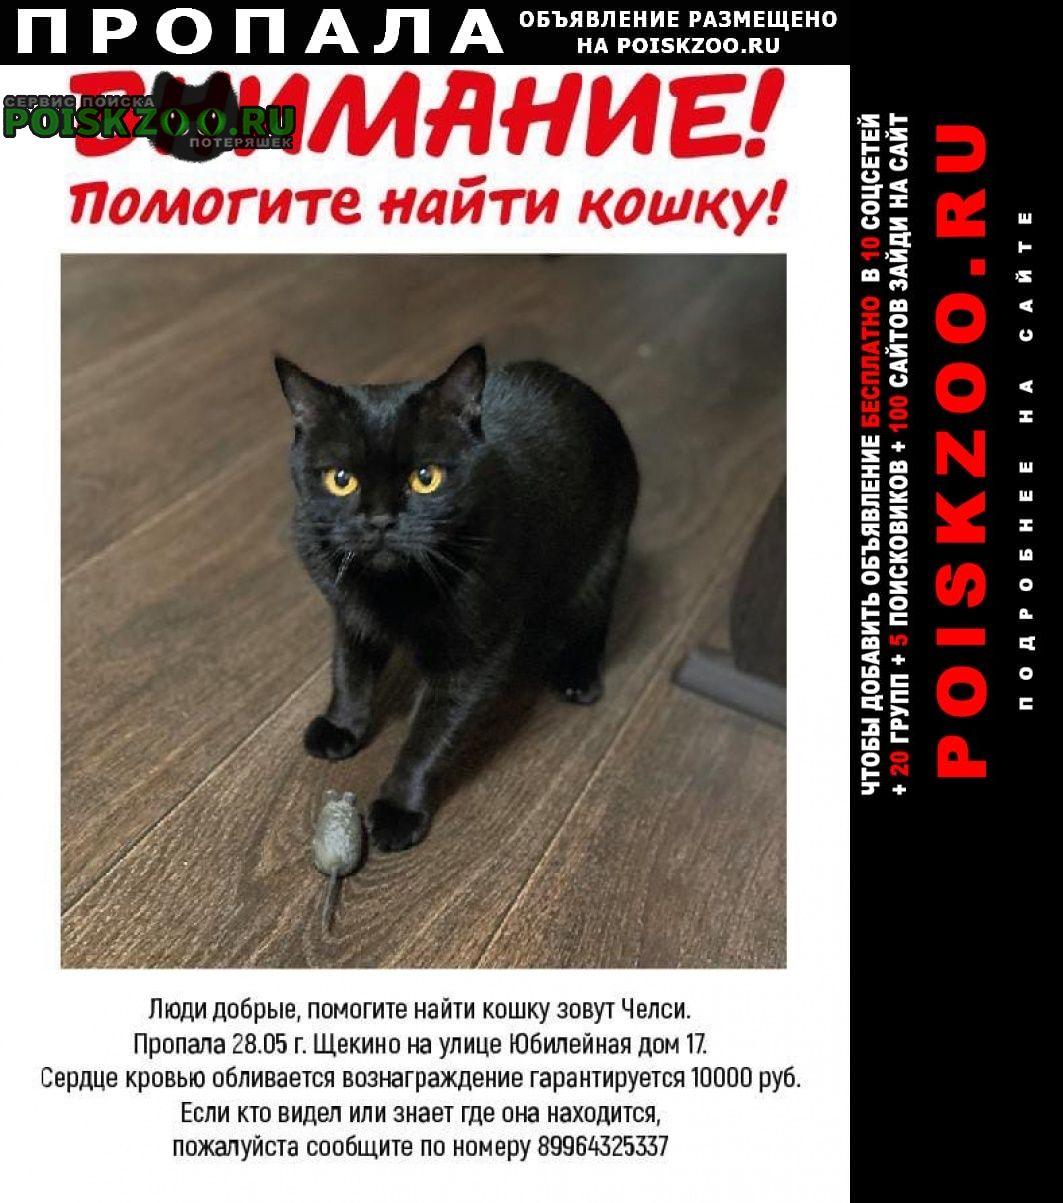 Пропала кошка вознаграждение гарантируется10000р Щекино